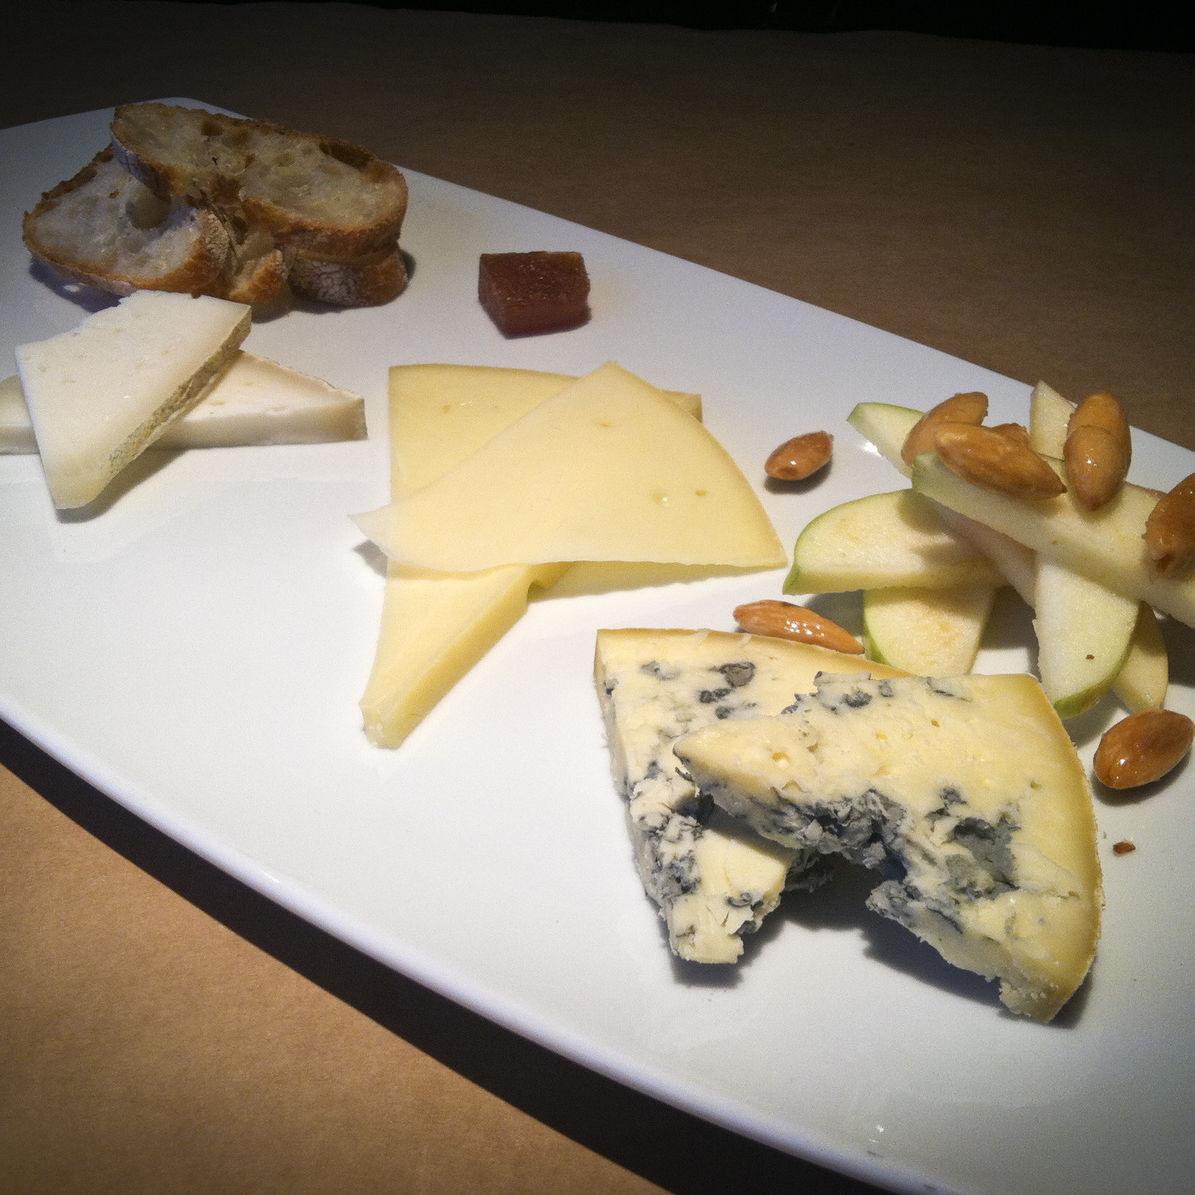 Cheese zhrish